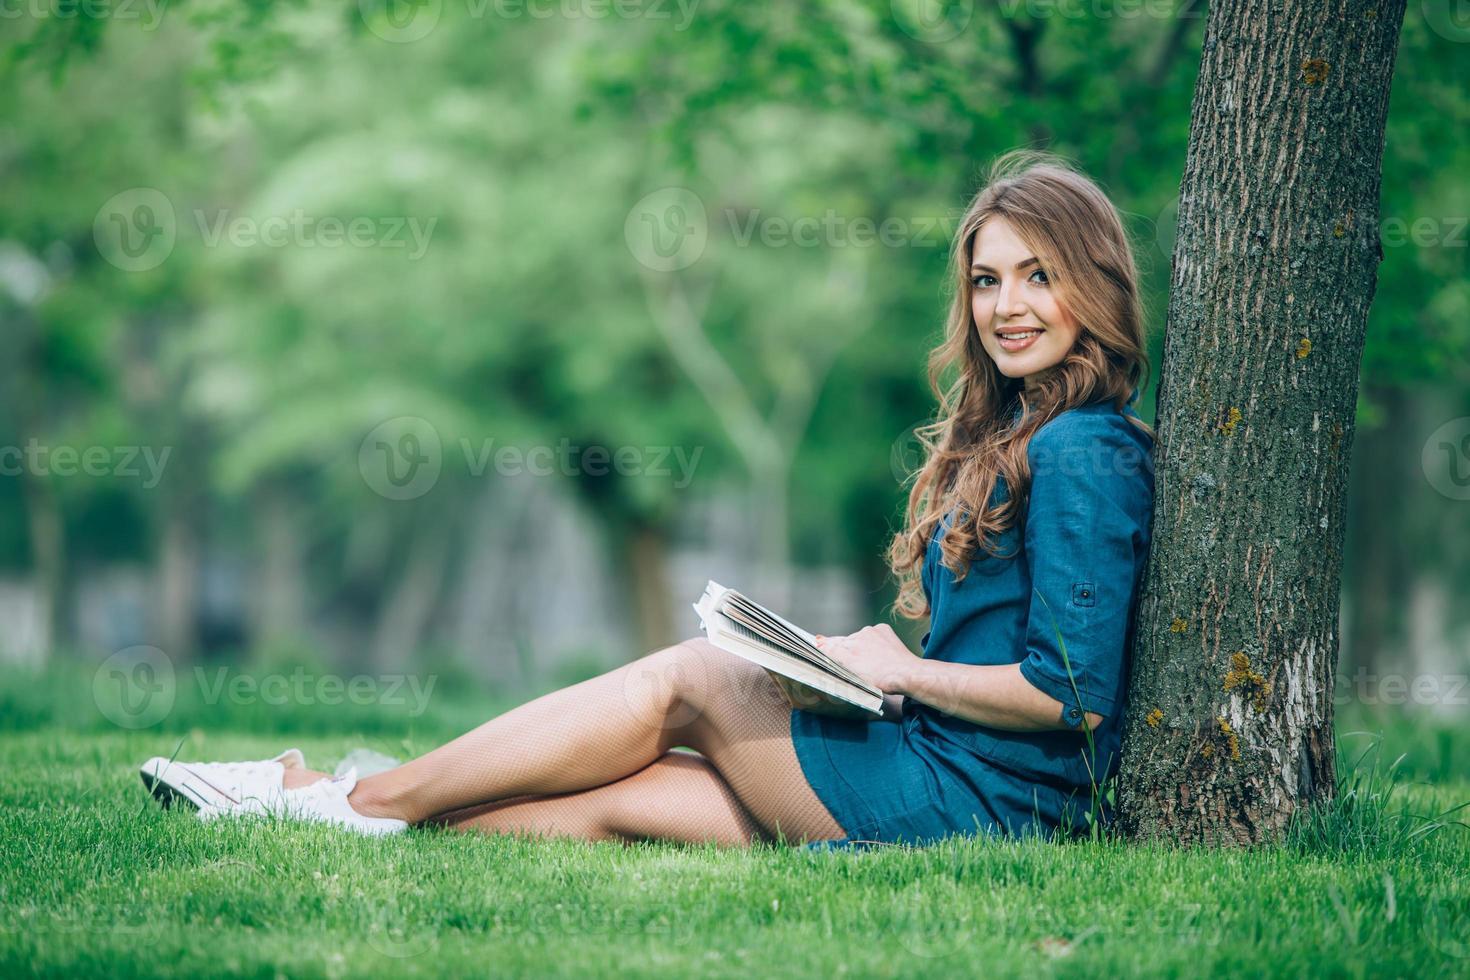 ragazza che legge un libro nel parco foto